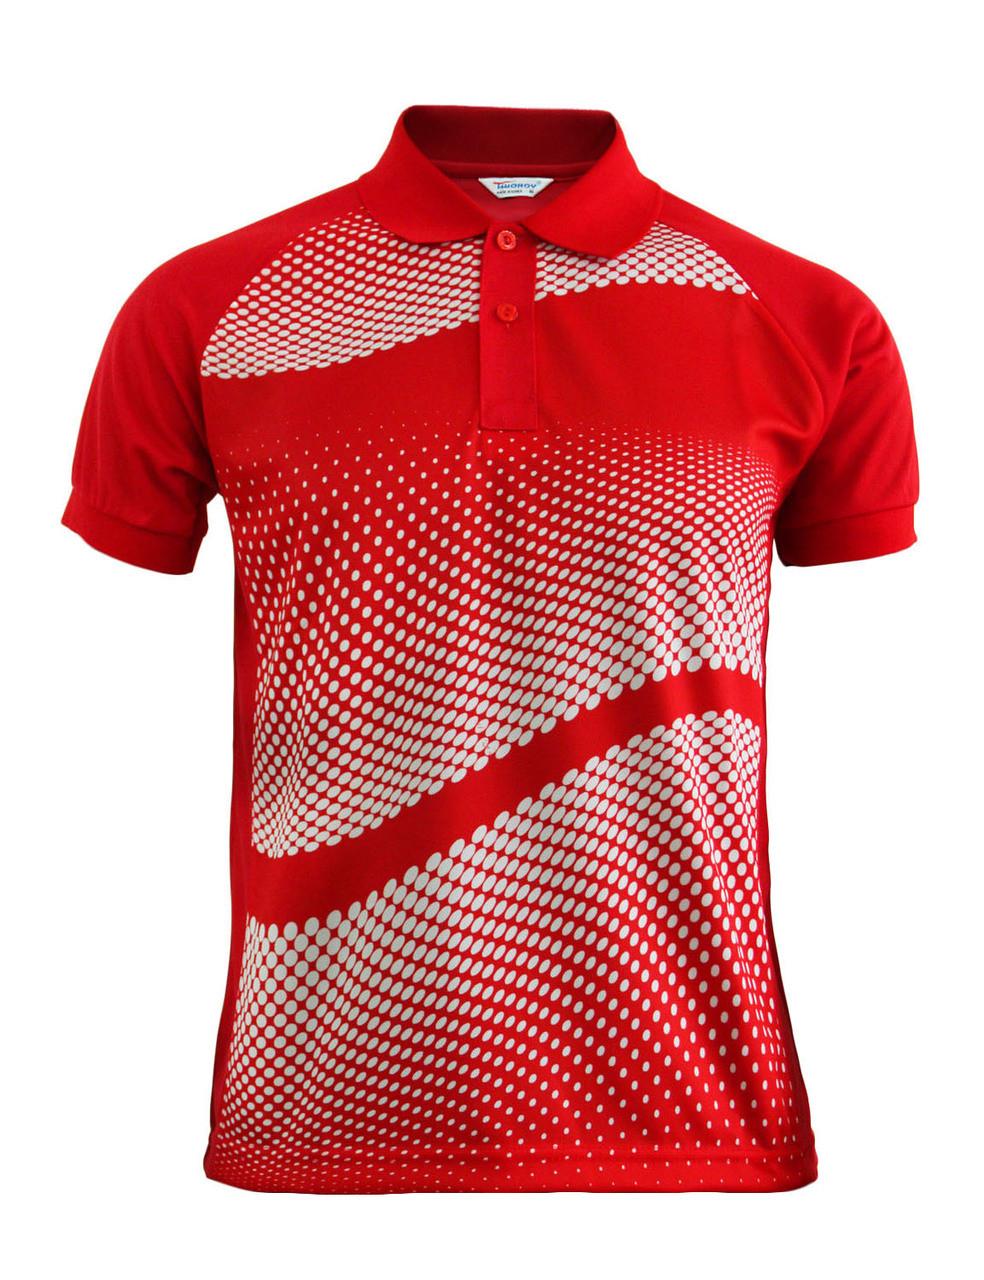 ba546998 Graphics Design Polo Shirt Red Golfwear Short Sleeve Summer Shirt